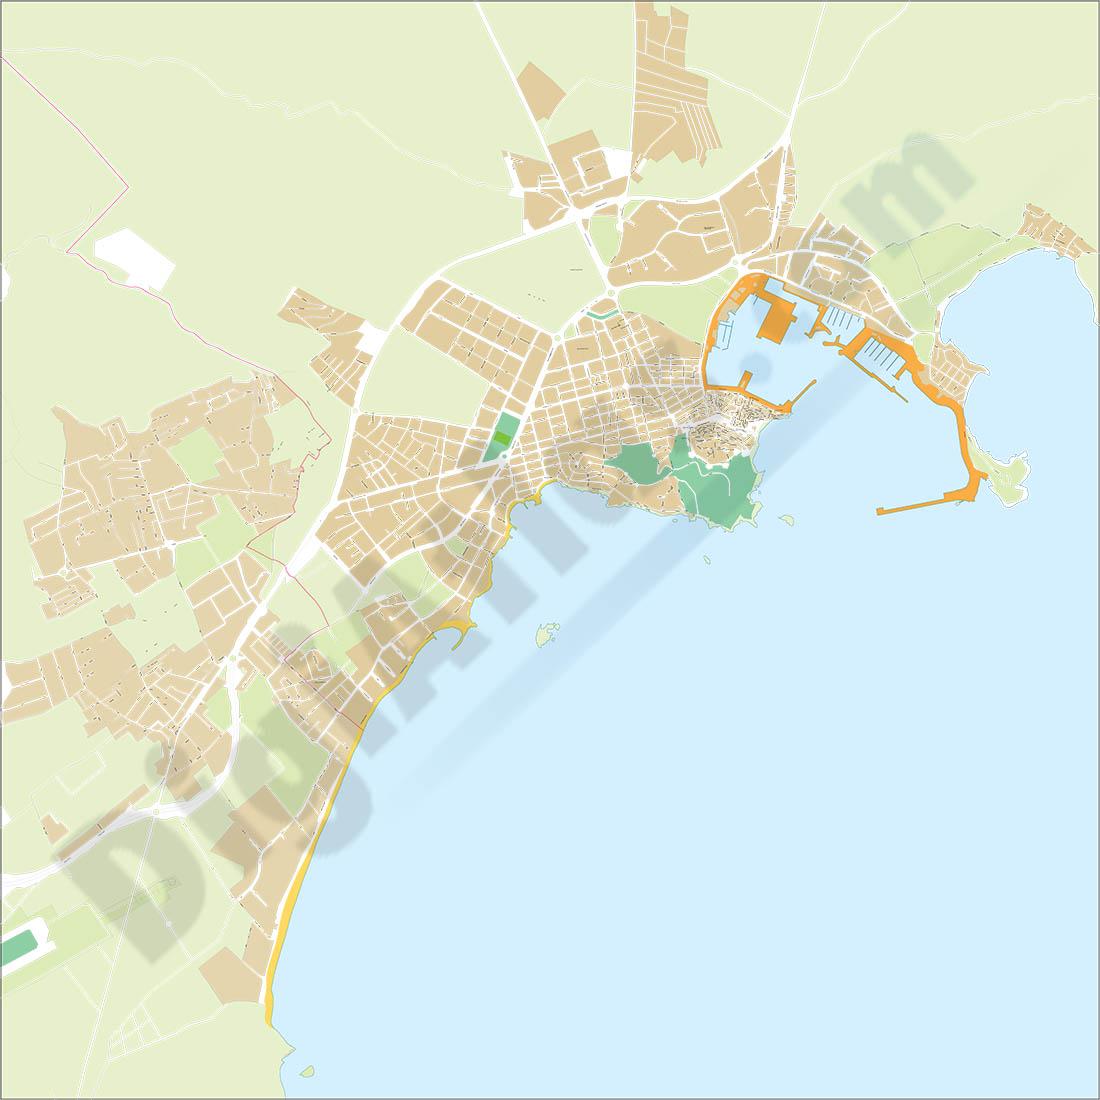 Eivissa-Ibiza - city map